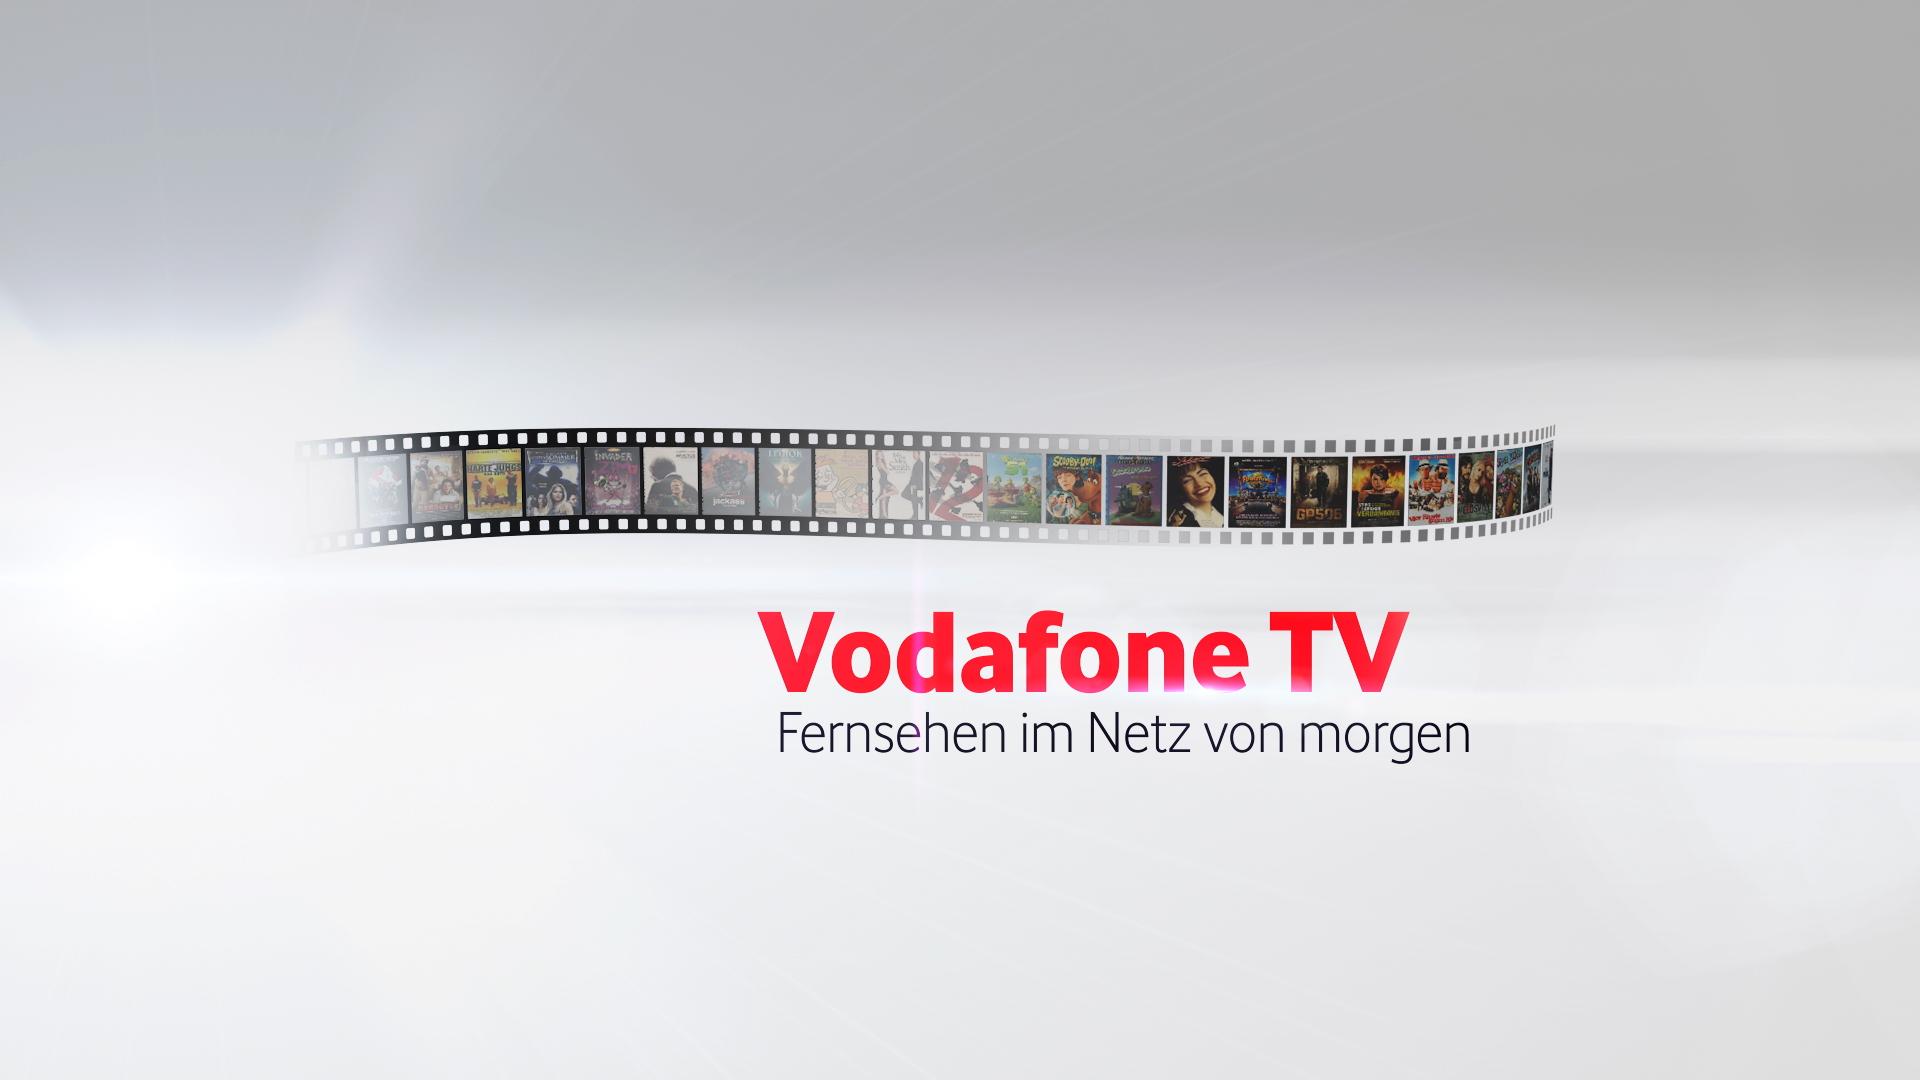 Vodafone B2B Trailer